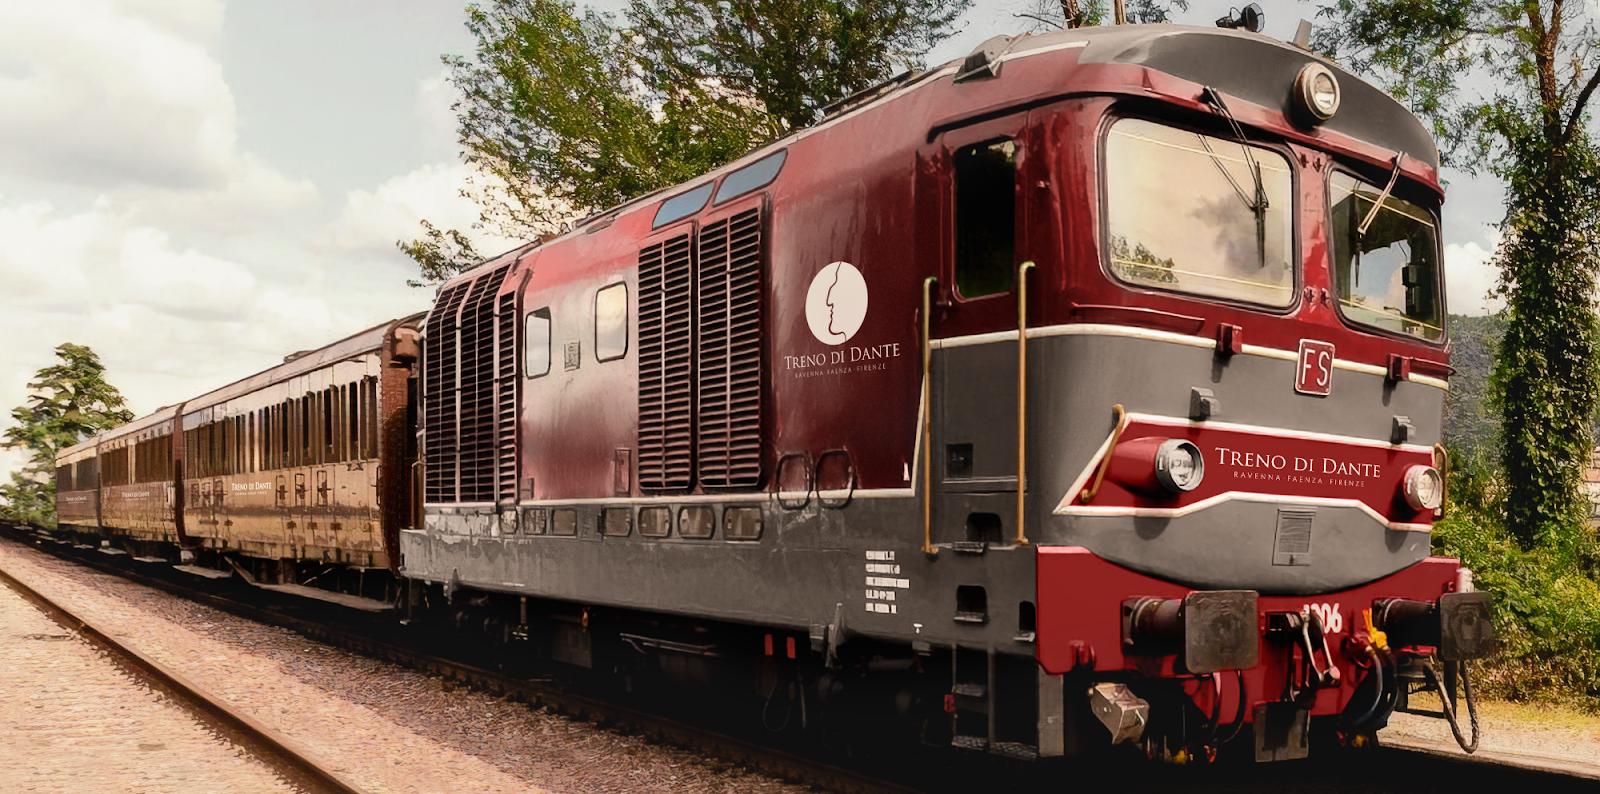 Treno di dante immagine 4